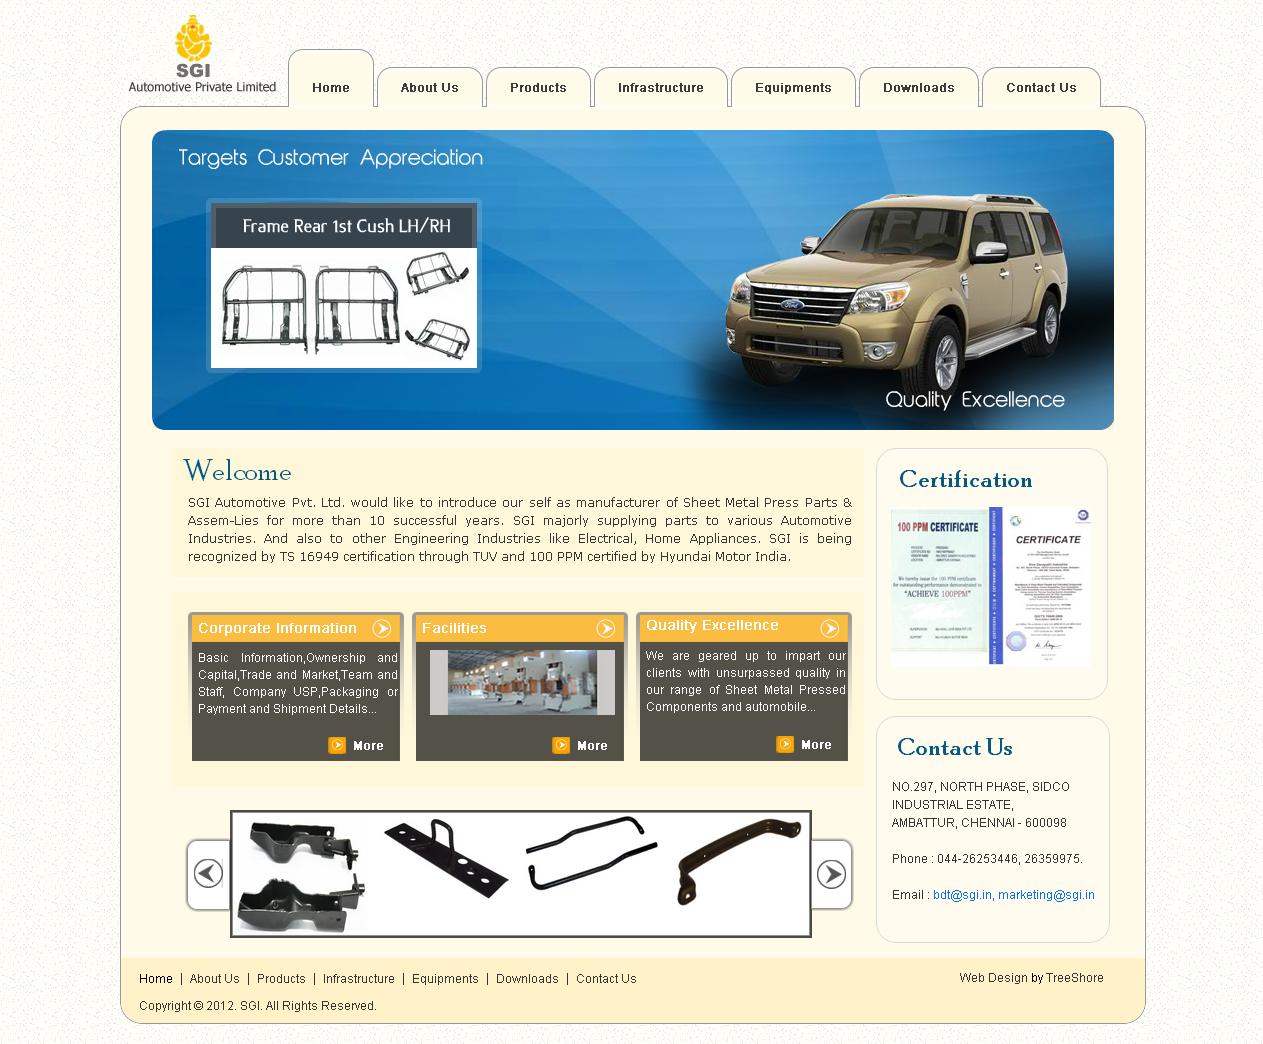 SGI Automotive Pvt Ltd.